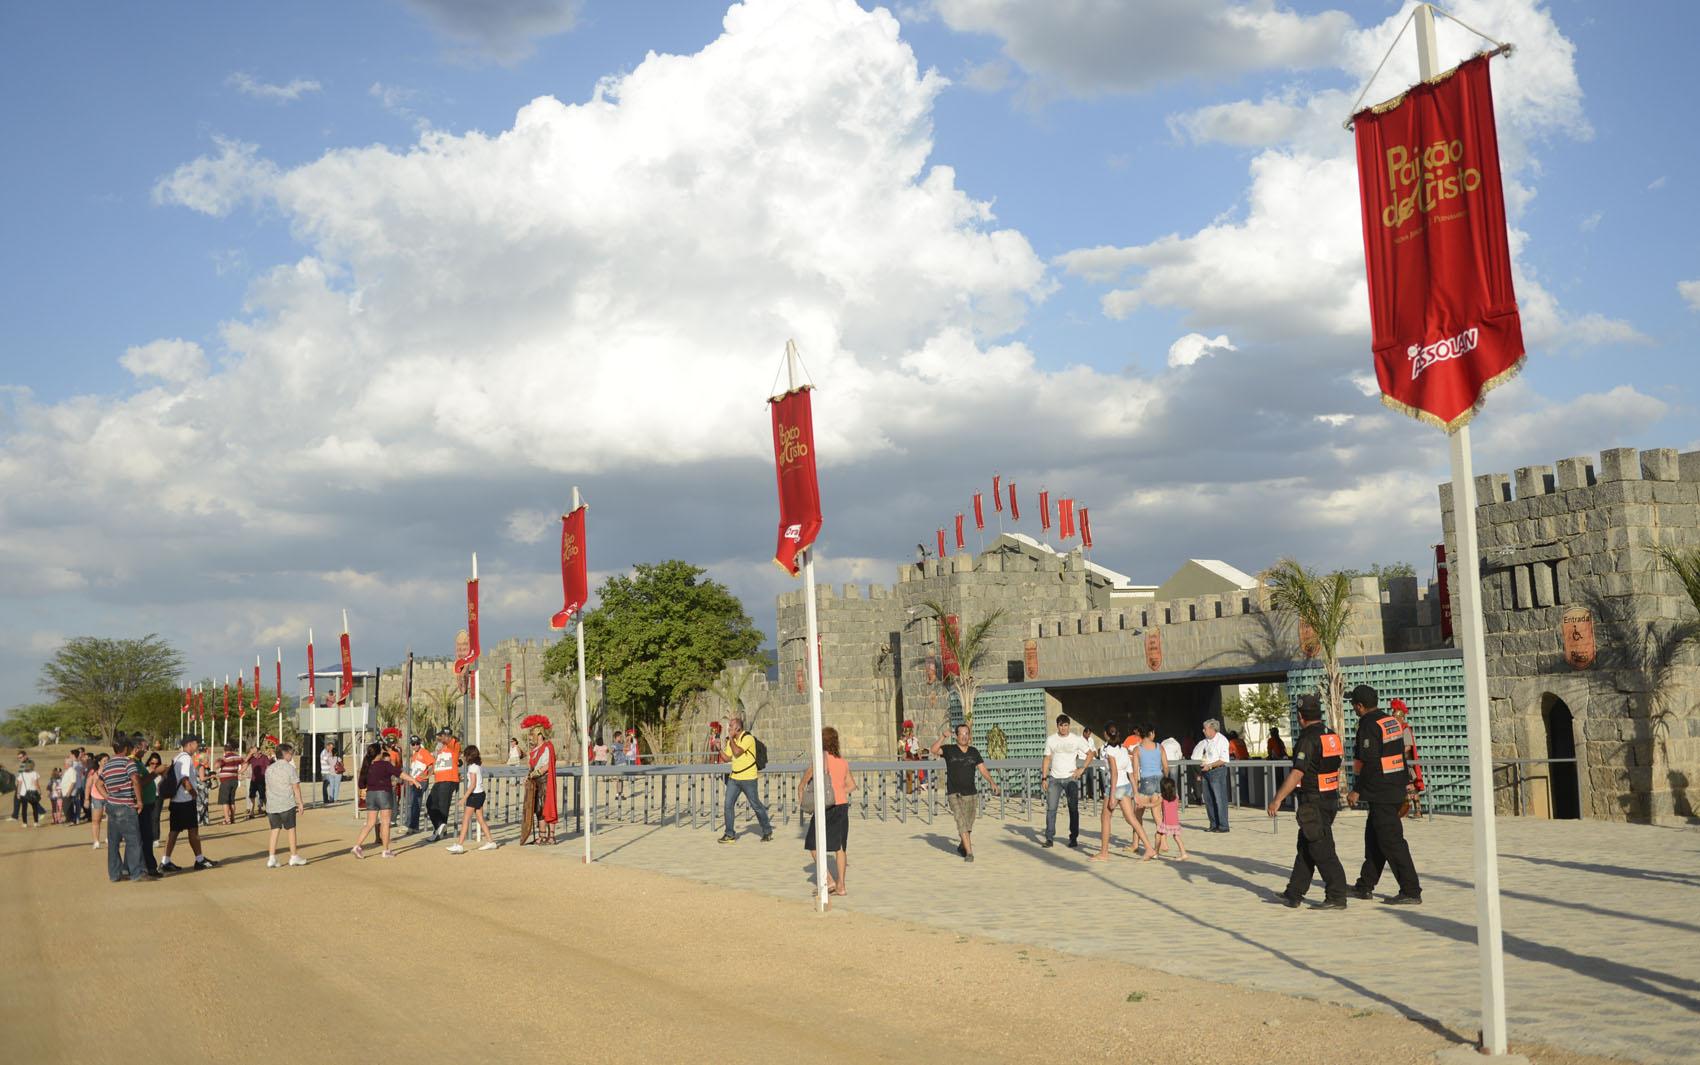 Entrada da cidade teatro de Nova Jerusalém, em Fazenda Nova